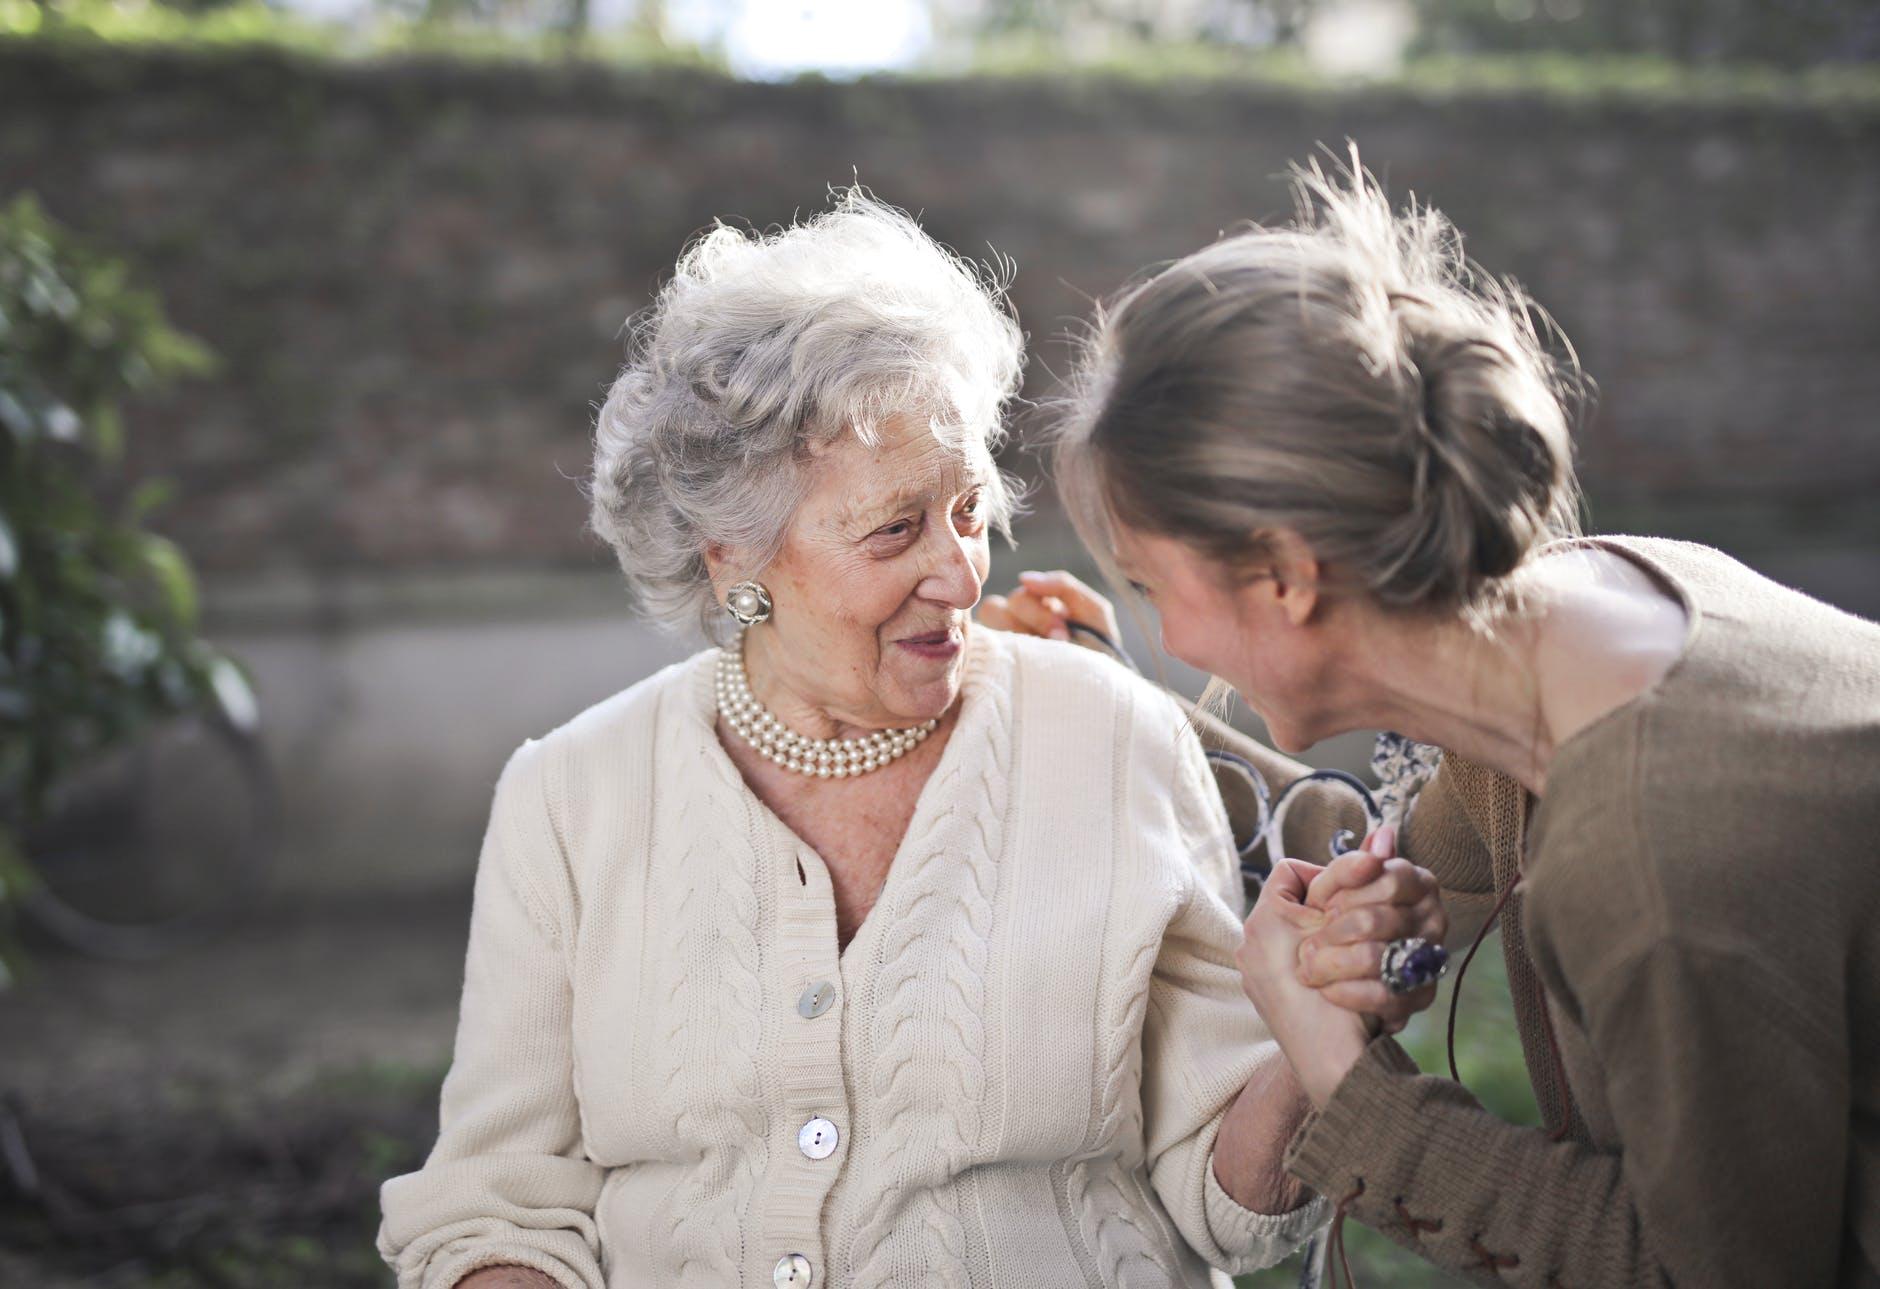 Besuche In Pflegeheimen: Deutsche Alzheimer Gesellschaft Fordert Verbindliche Regelungen Für Alle Einrichtungen